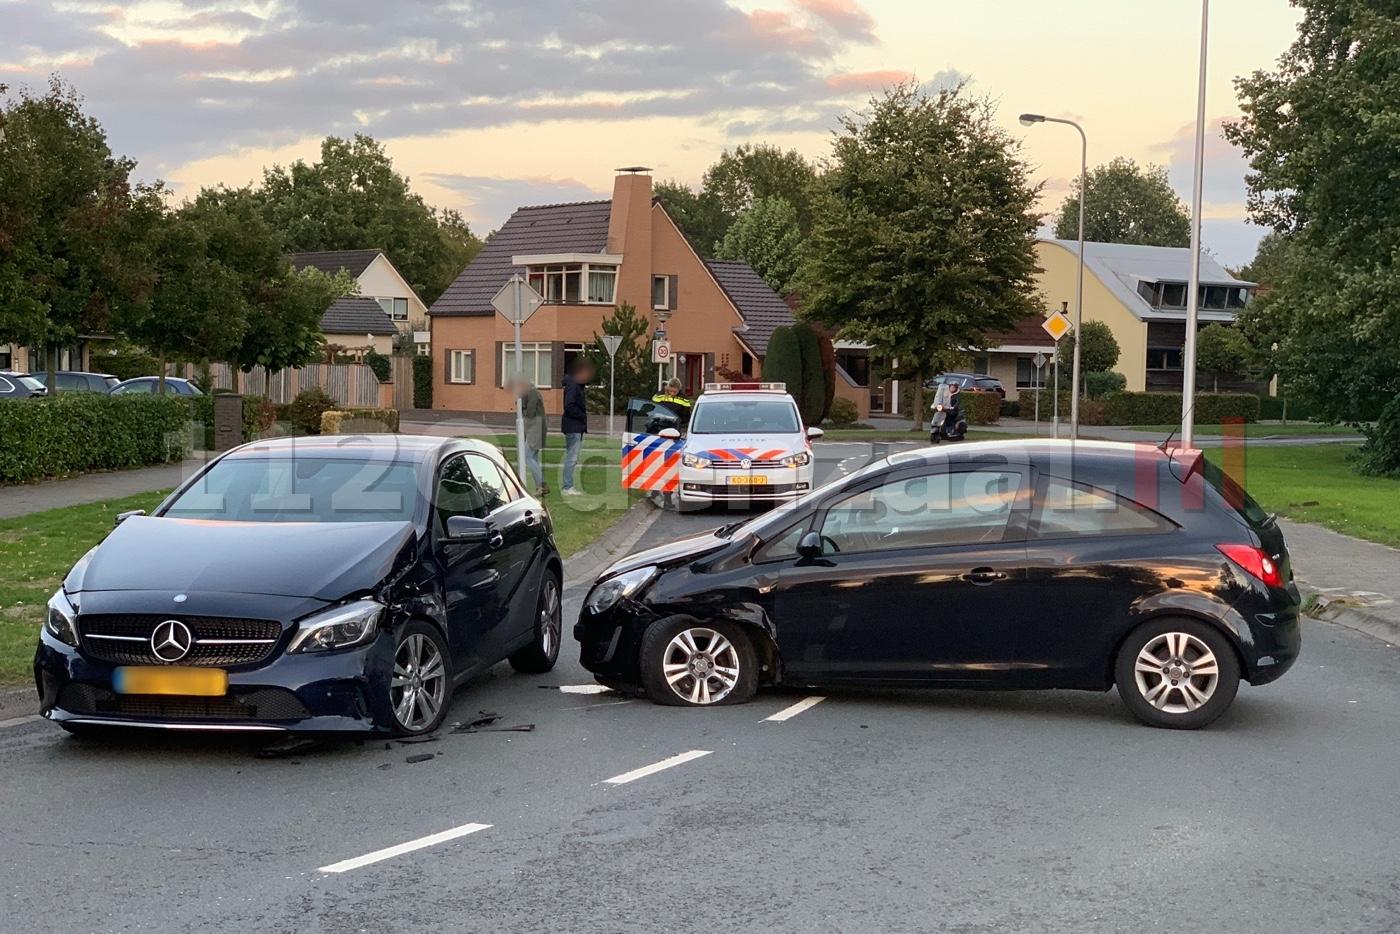 Aanrijding tussen twee auto's op Griekenlandlaan in Oldenzaal